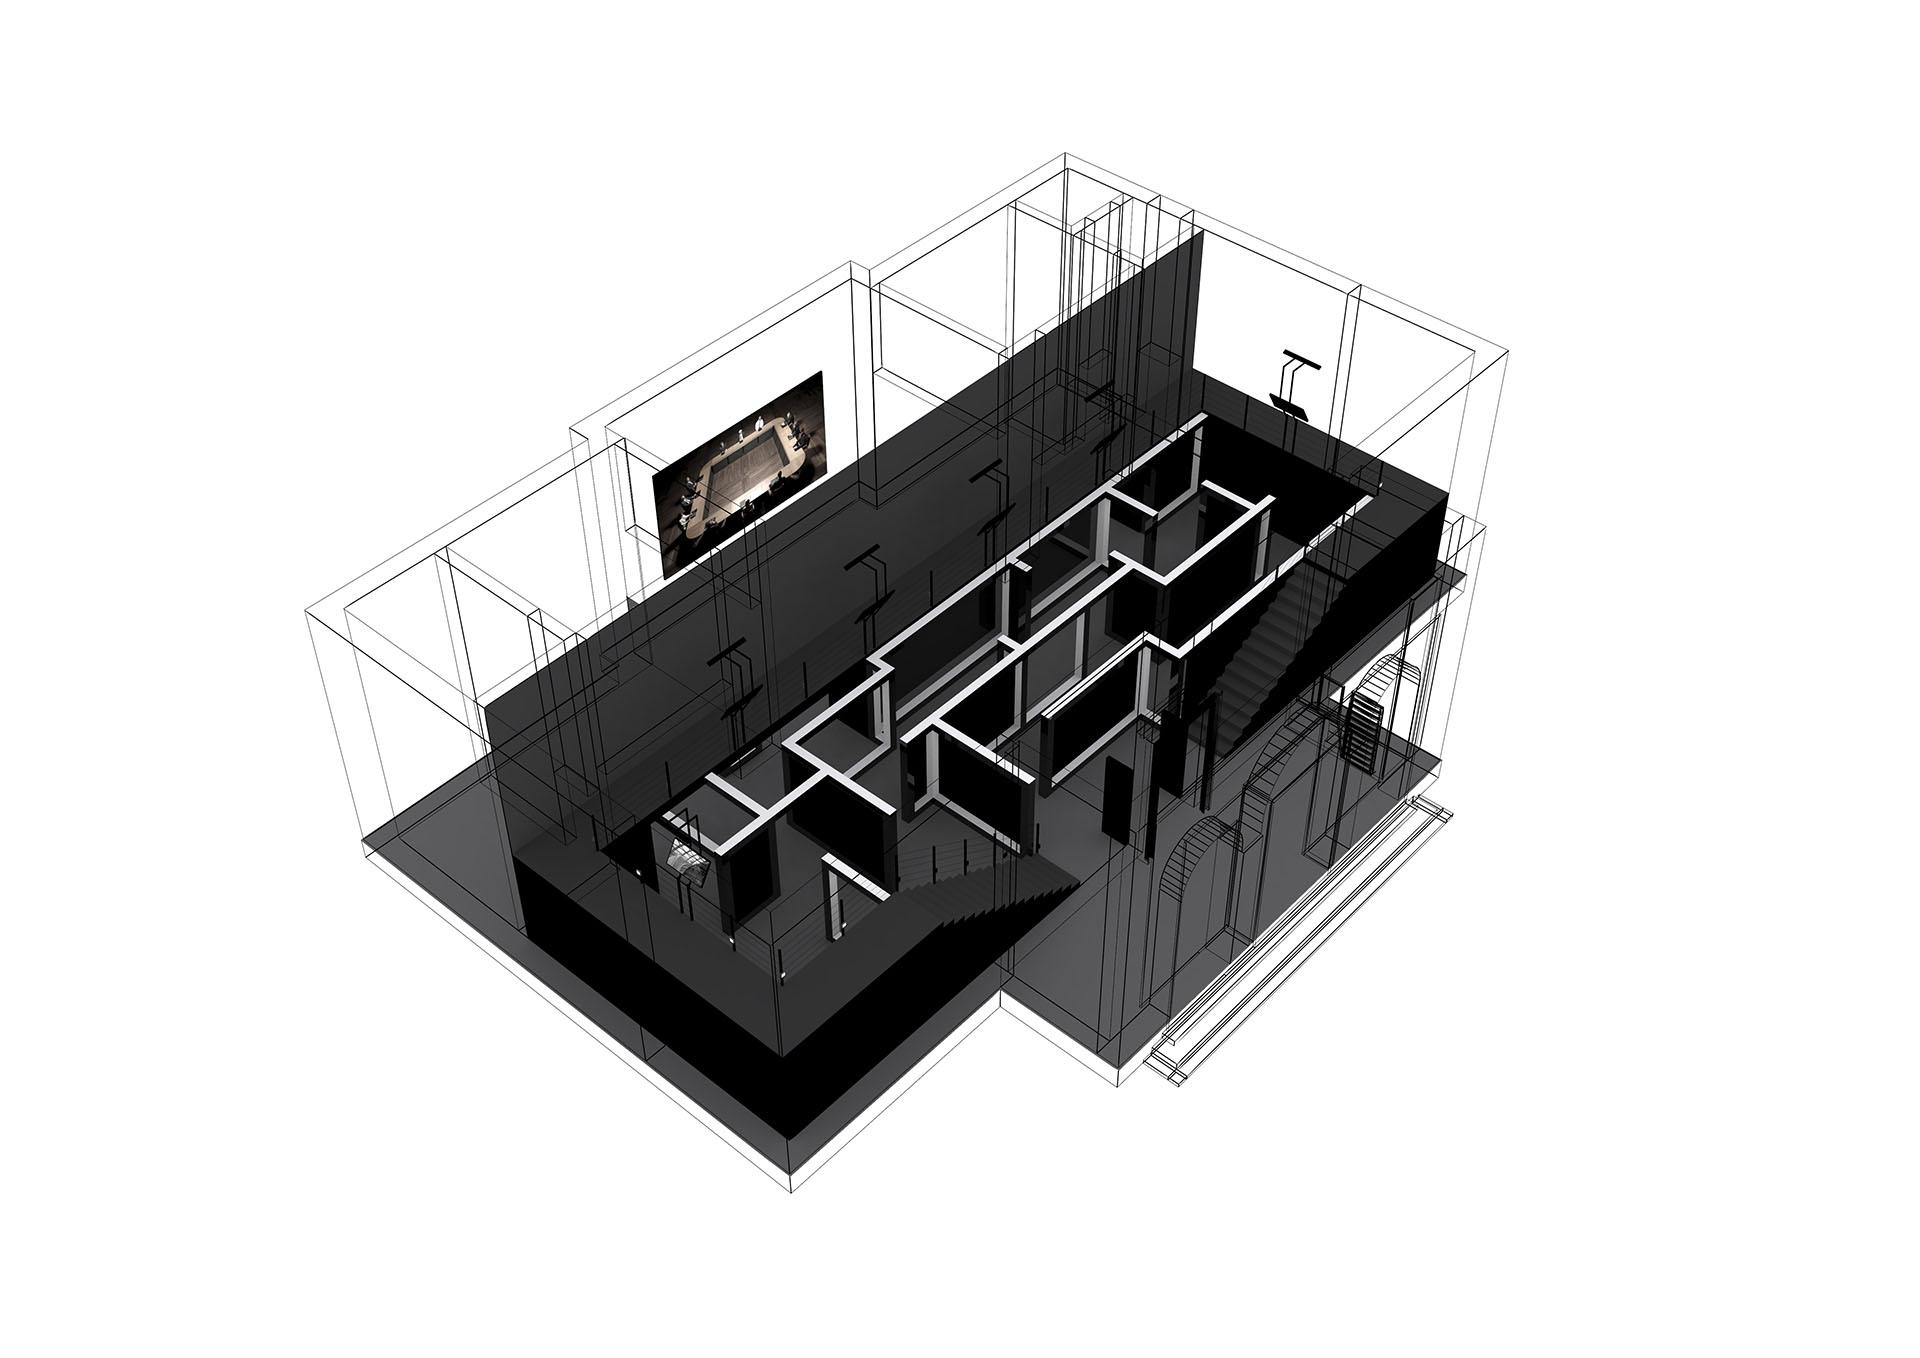 Γιώργος Δρίβας: Εργαστήριο Διλημμάτων